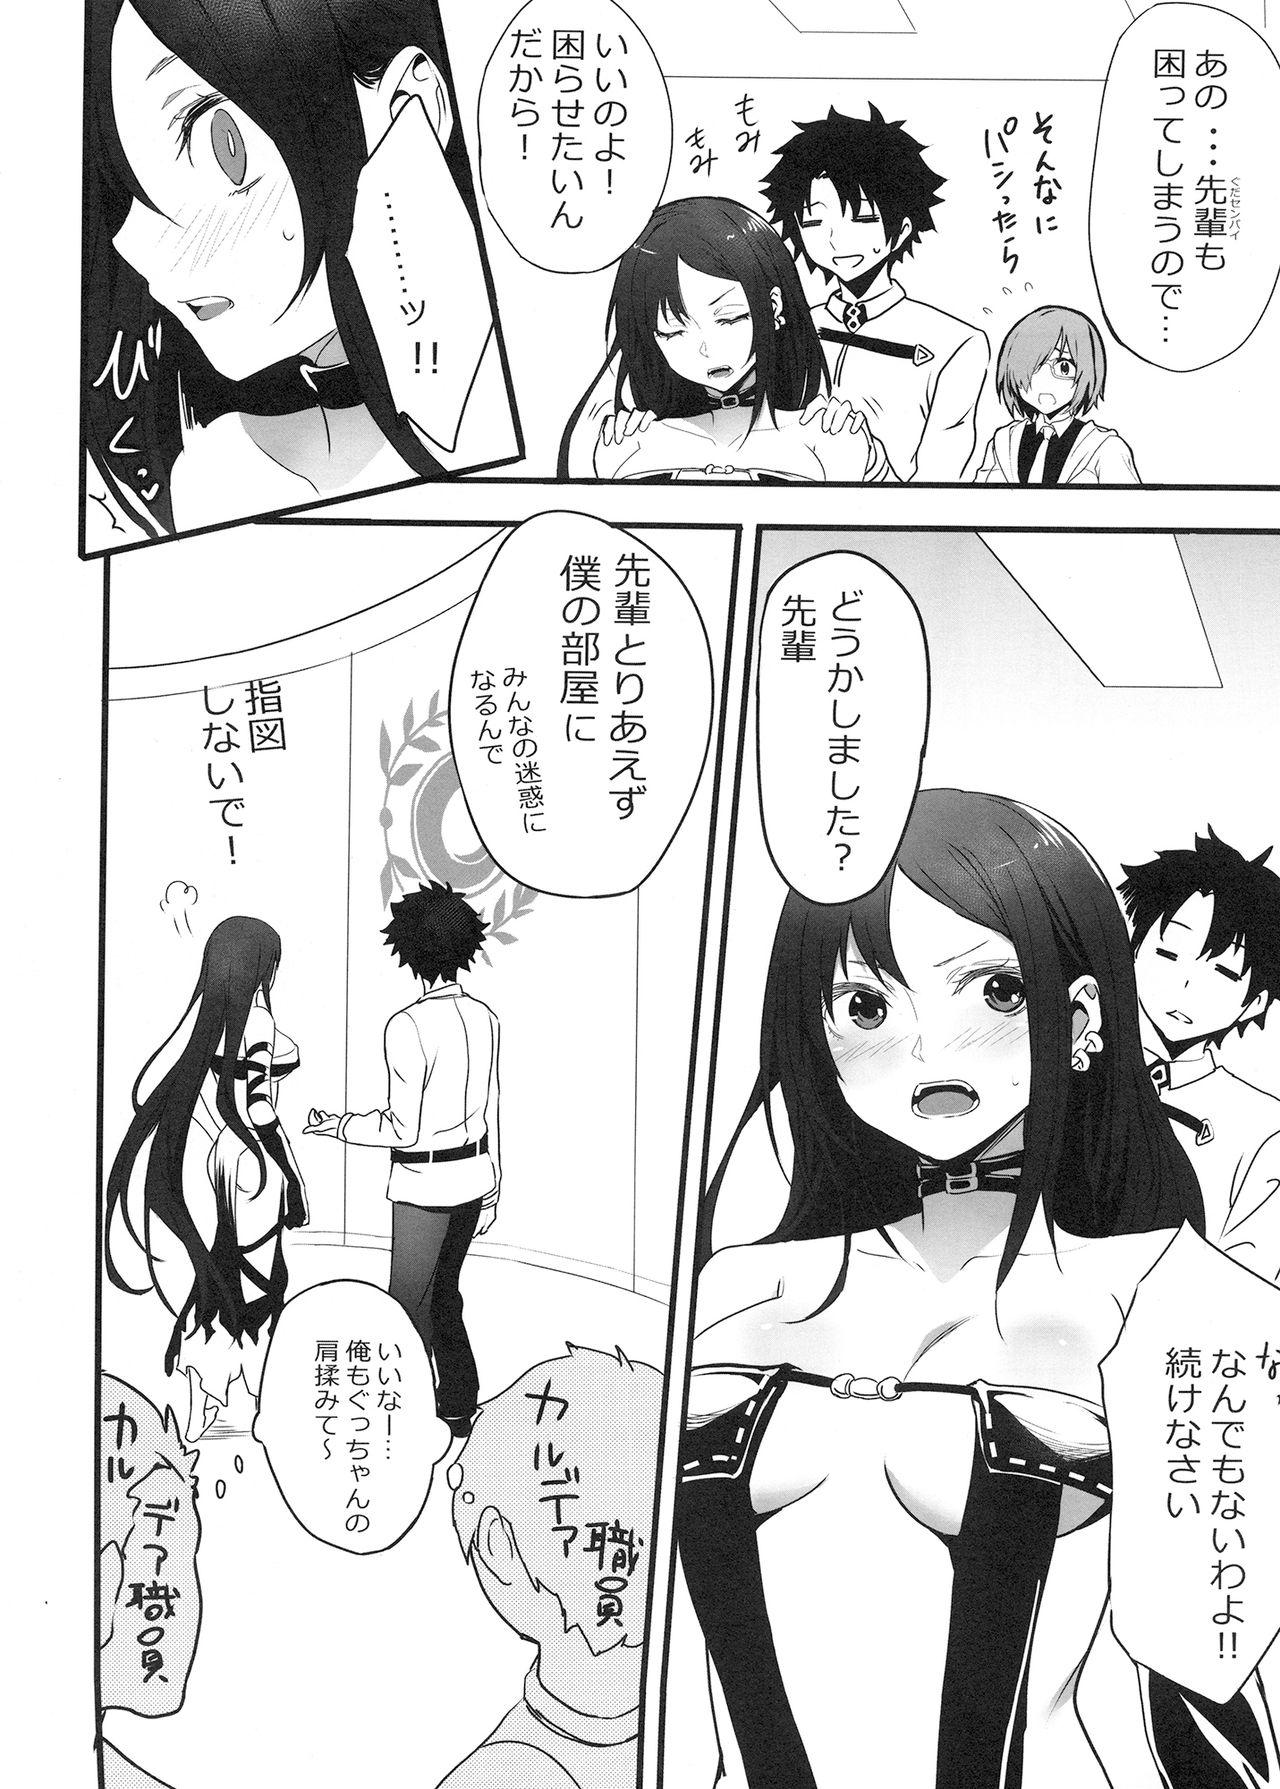 Gubijin-san to Himegoto 2